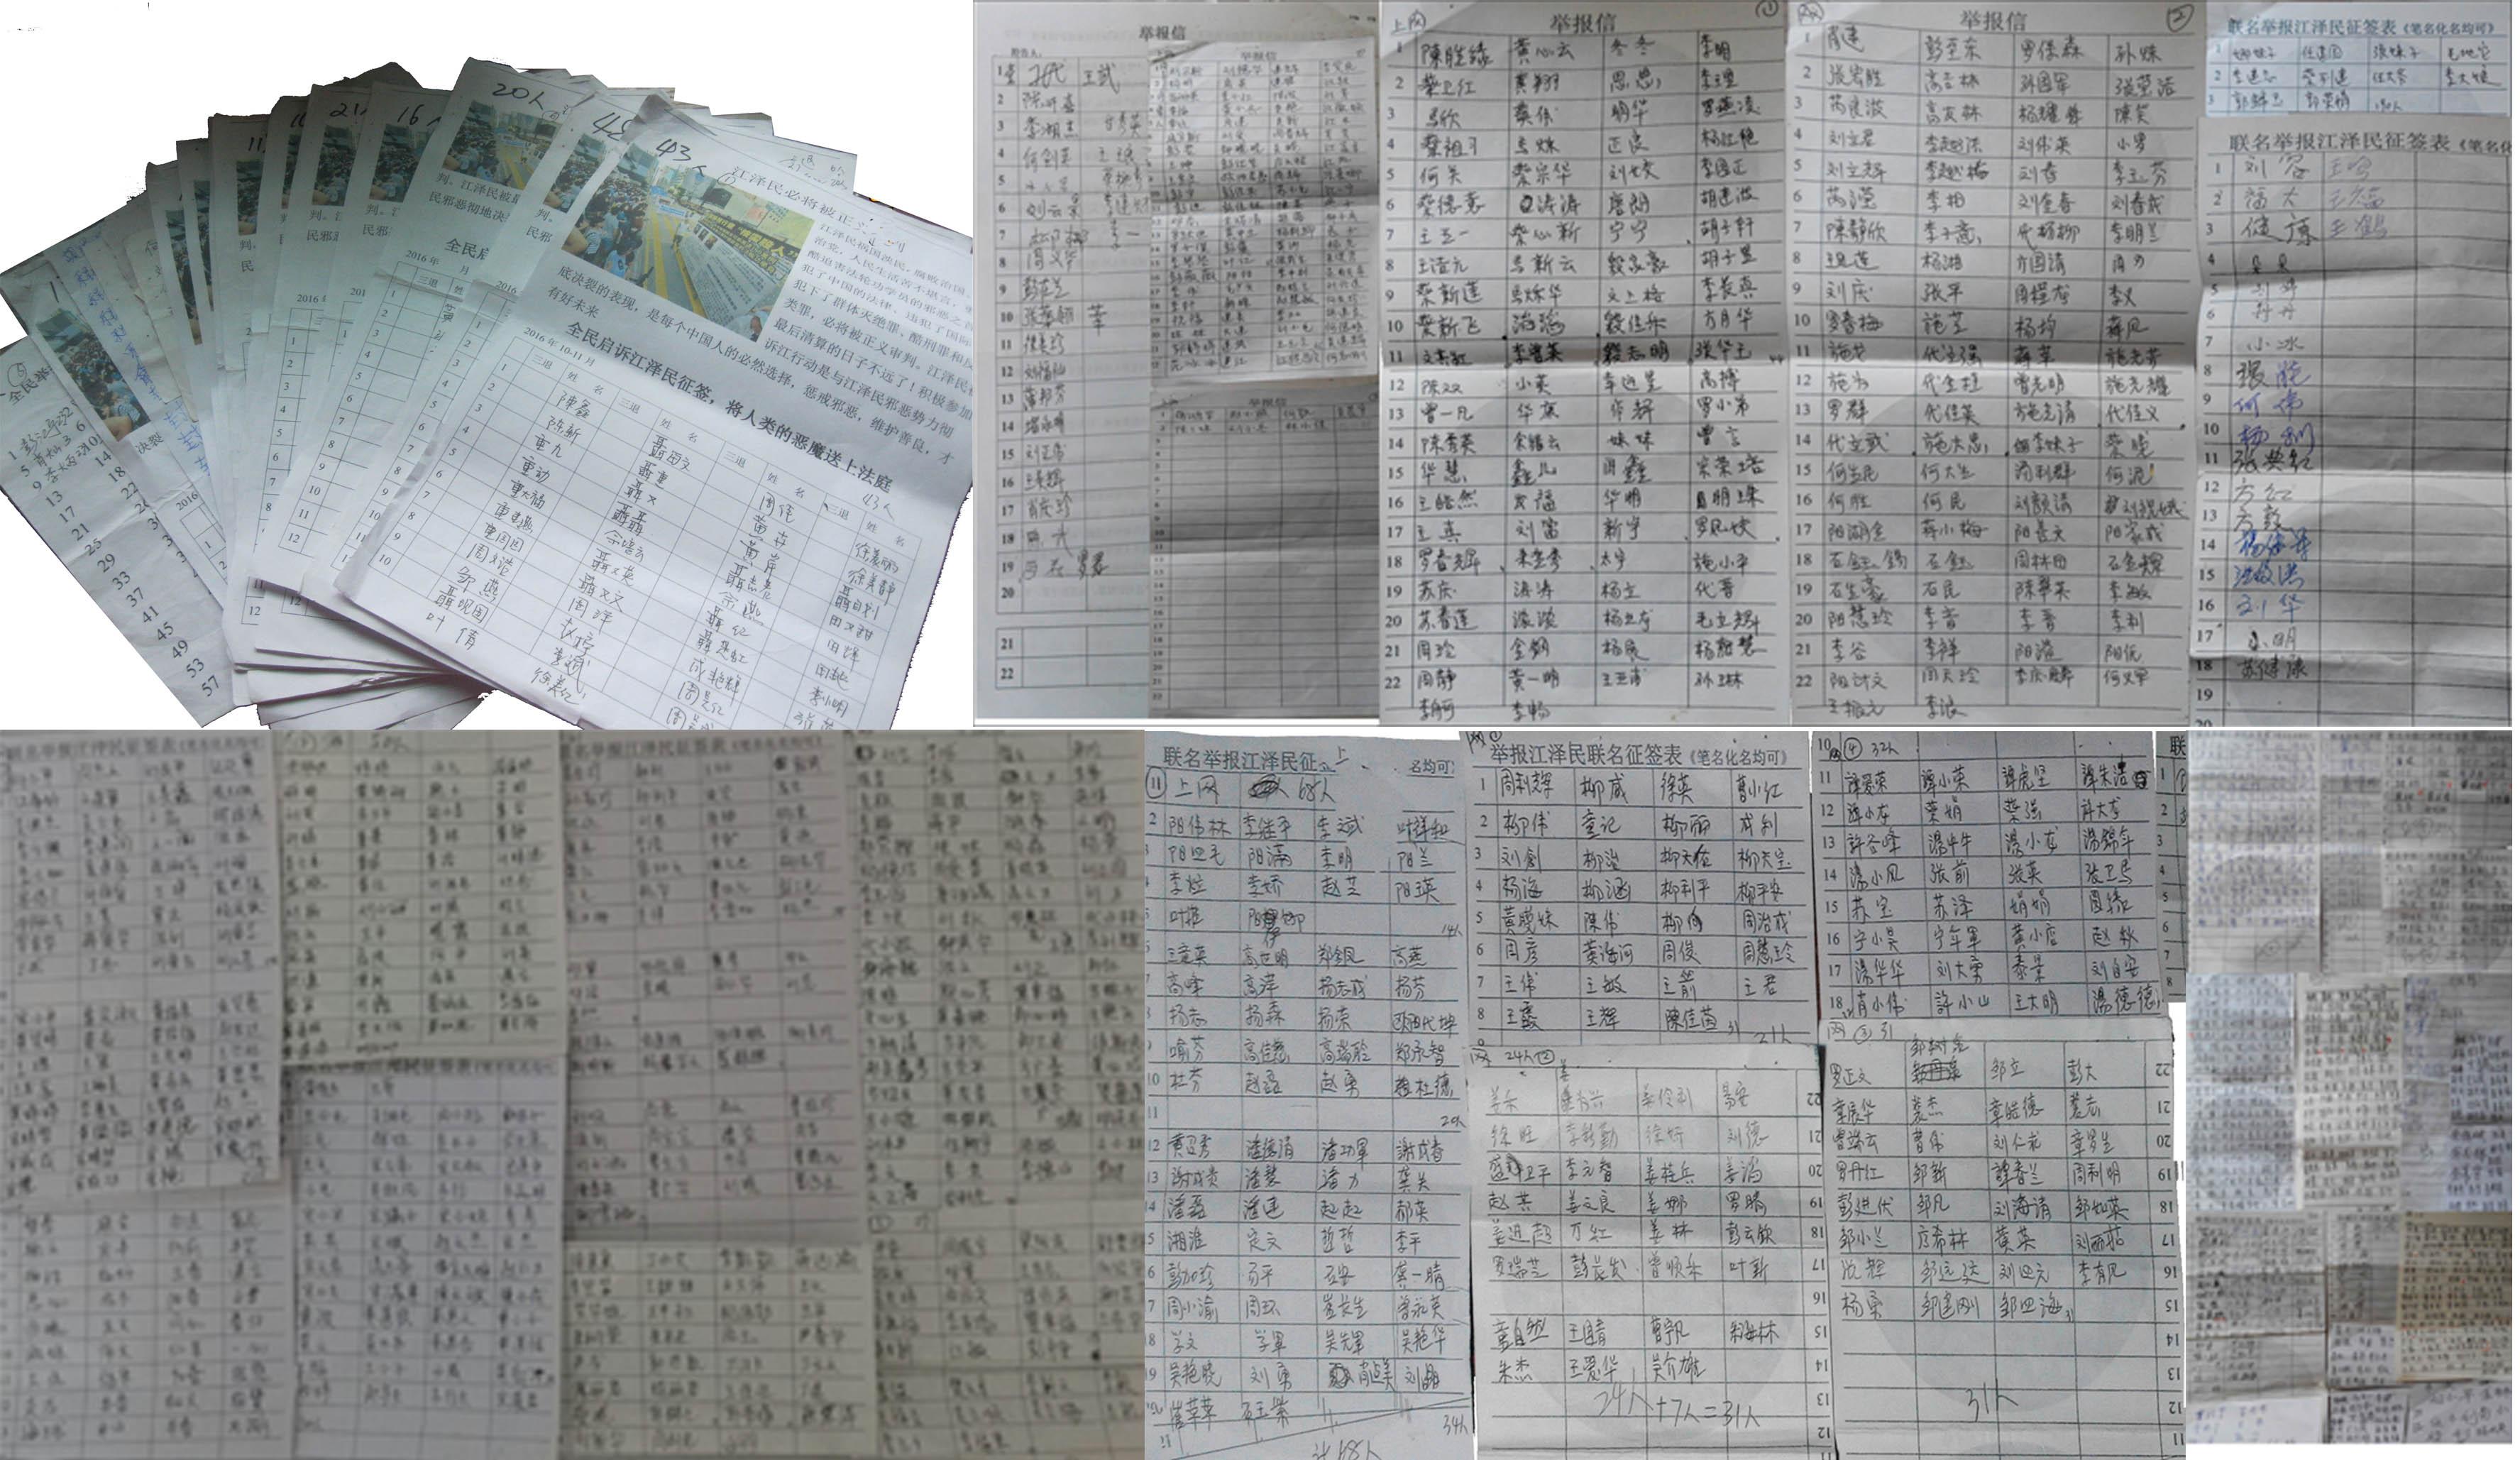 明慧网2016年11月7日报导,湖南长沙9100人举报江泽民 逾3,000人当场三退。图为长沙部分百姓举报江泽民迫害法轮功征签名单。(明慧网)